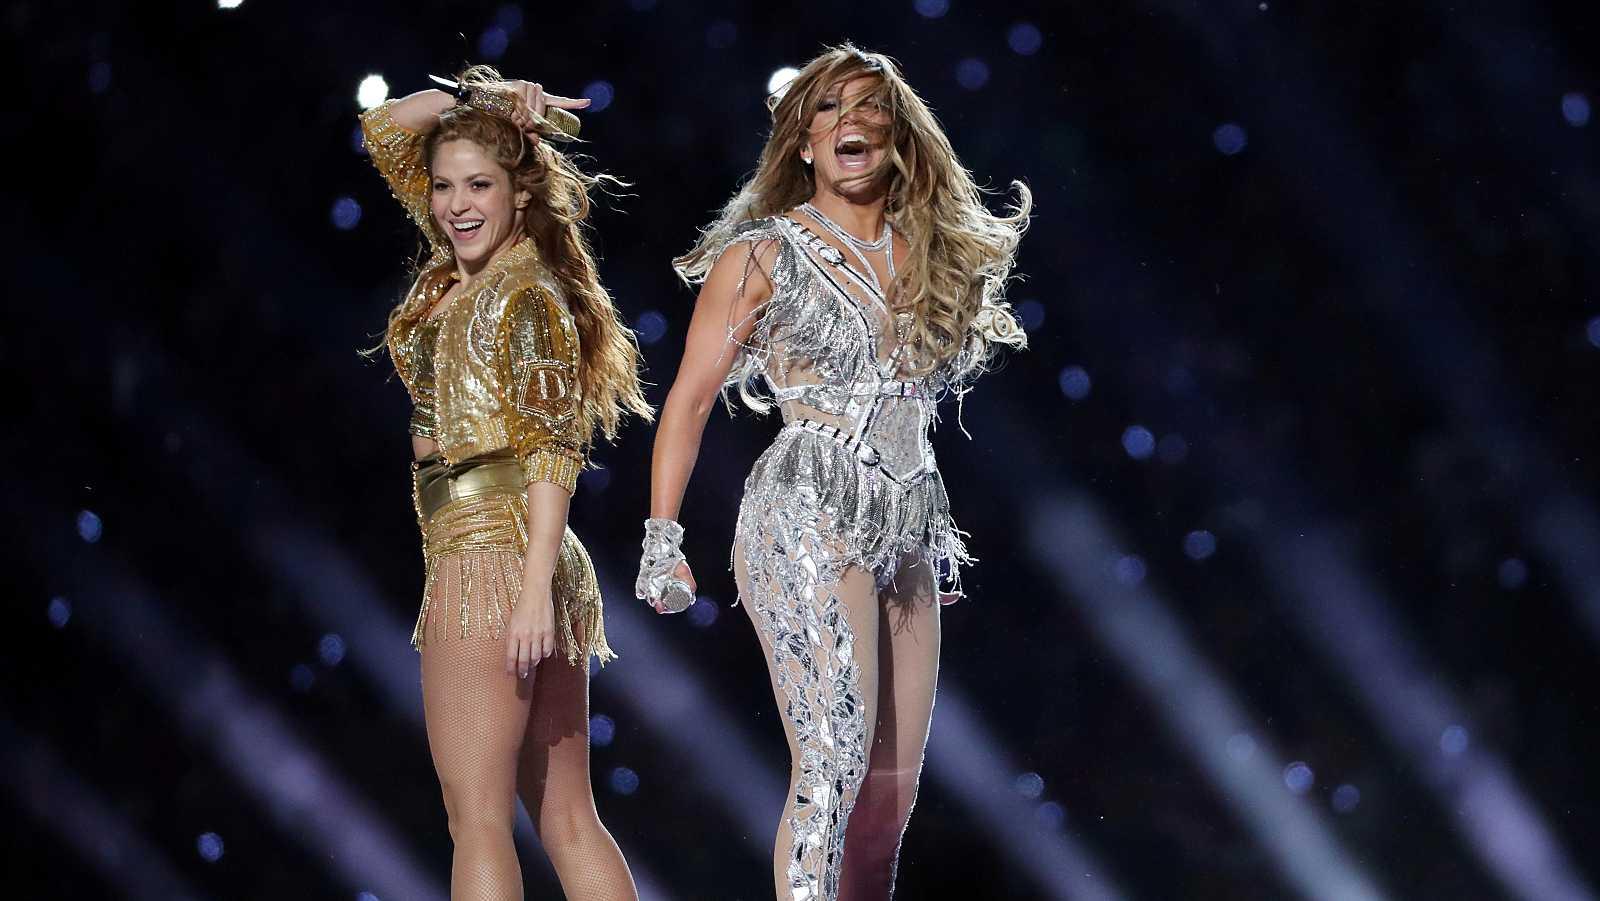 Corazón - Shakira y Jennifer López: así fue su espectáculo en la Super Bowl